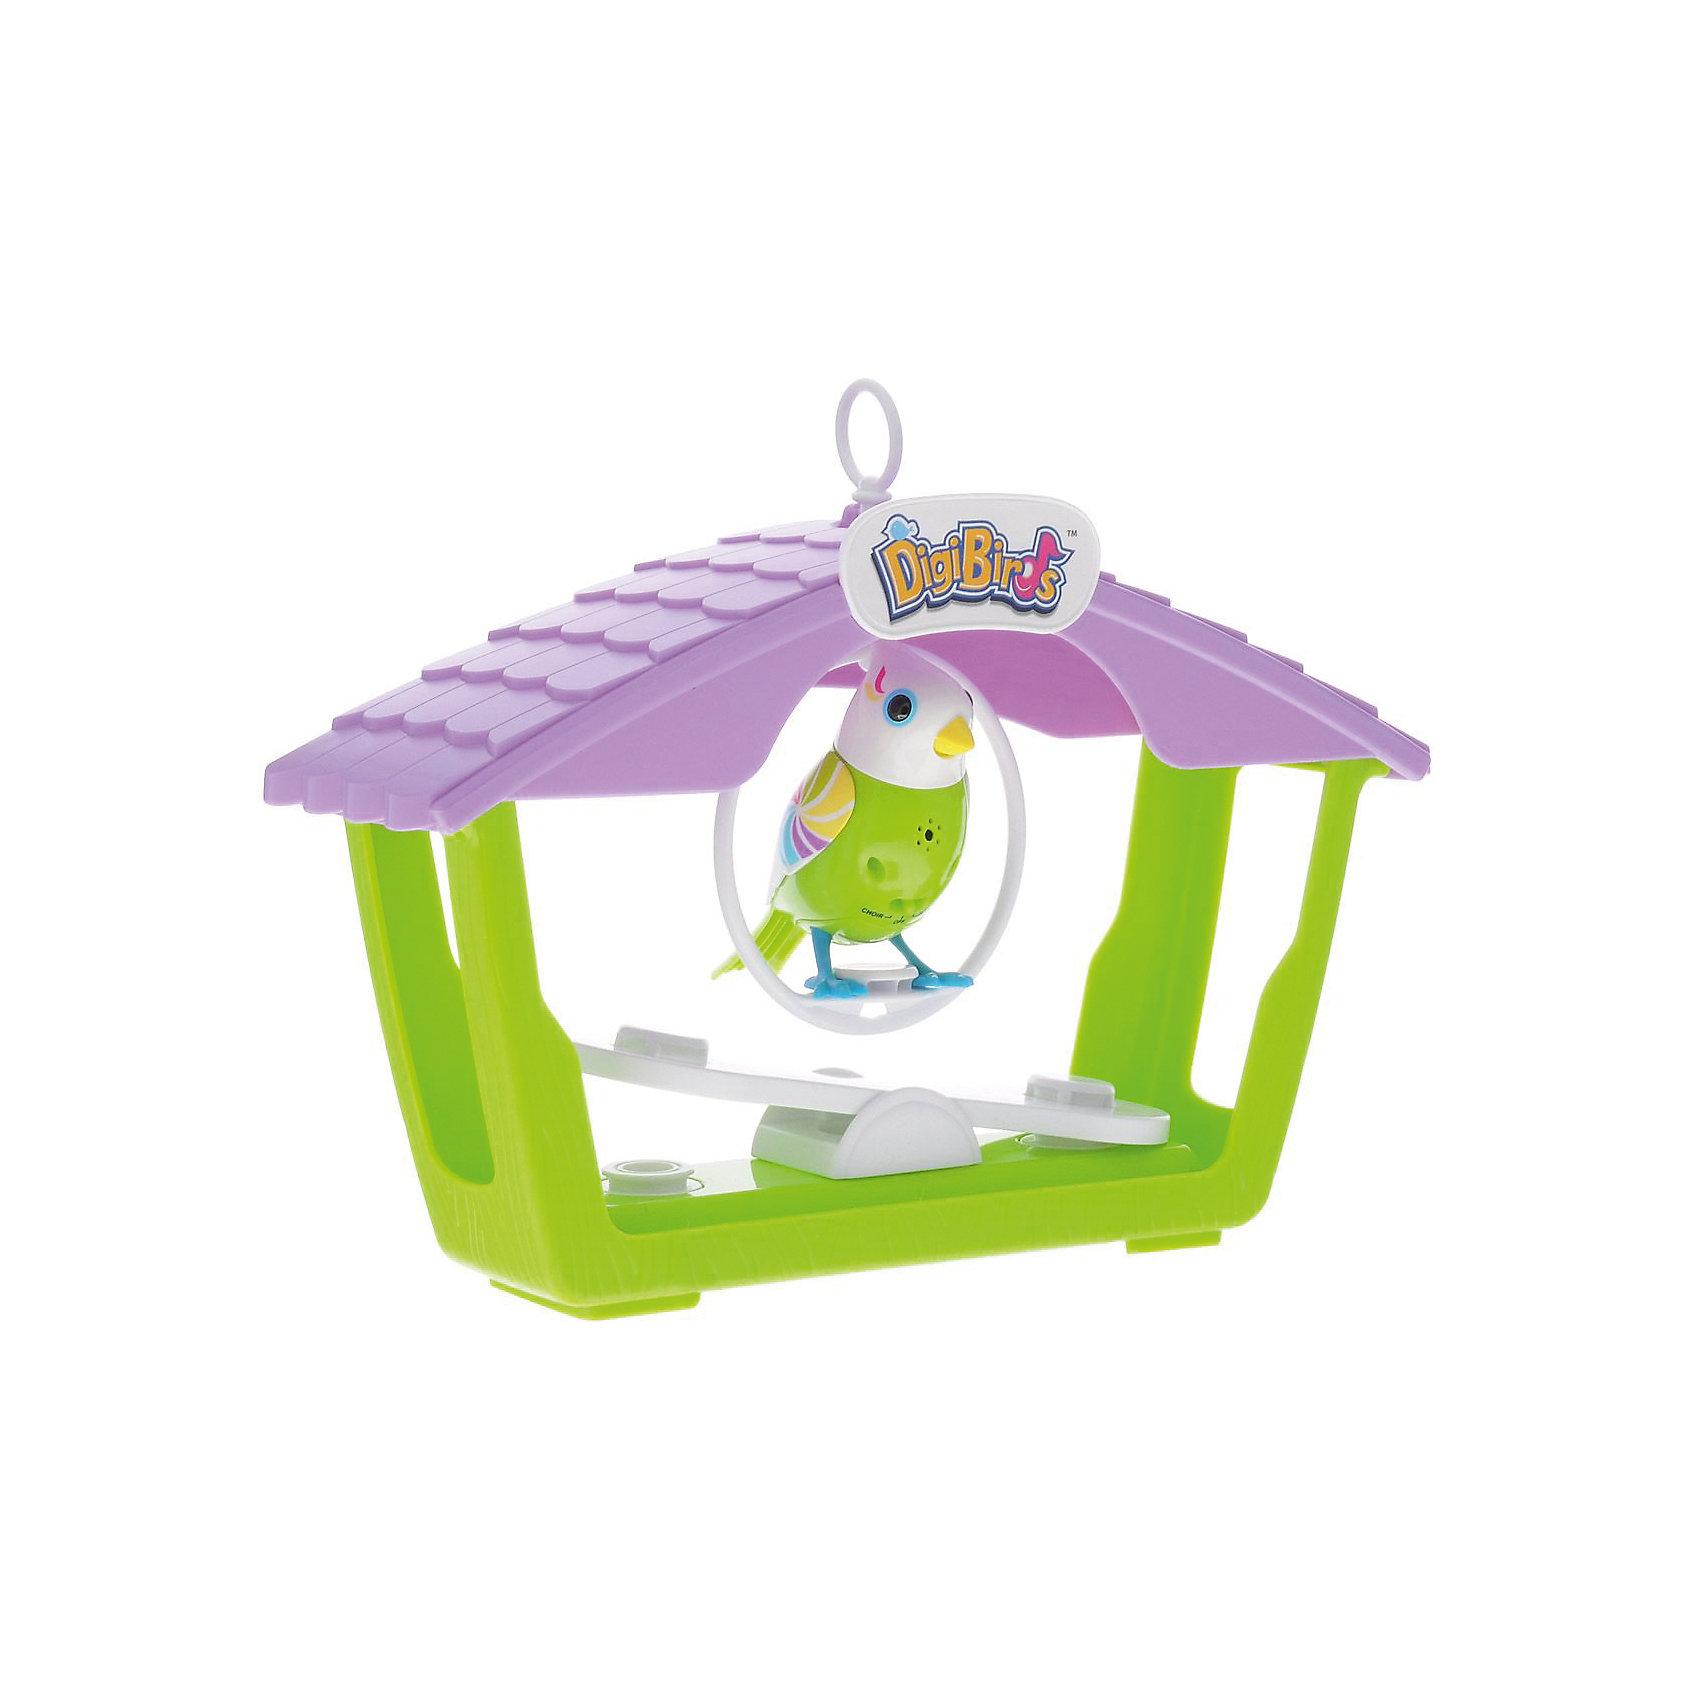 Птичка с домиком, зеленая, DigiBirdsПтичка с домиком, зеленая, DigiBirds, Silverlit (Сильверлит) ? музыкальная игрушка от мирового производителя детских товаров Silverlit (Сильверлит). Птичка оснащена световыми и звуковыми эффектами. Ее творческий репертуар состоит из 55 песенок, которые исполняются как в сольном виде, так и в хоровом. Птичка выполнена из высокопрочного пластика ярких расцветок. Активируется птичка тремя способами: на нее достаточно подуть или посвистеть в свисток, который идет в комплекте, или резко взмахнуть по воздуху, держа птичку в руке. <br>Птичка с домиком, зеленая, DigiBirds, Silverlit (Сильверлит) ? совершенно уникальная игрушка, которая не только развлекает вашего ребенка, но и занимается его музыкальным развитием. В первую очередь, она способствует формированию музыкального слуха и памяти. Простые действия: подуть в свисток, подуть на птичку ? простые, но очень эффективные упражнения, которые направлены на развитие речевого аппарата. <br>Птичка с домиком, зеленая, DigiBirds, Silverlit (Сильверлит) ? это миниатюрный музыкальный центр для вашего ребенка.<br><br>Дополнительная информация:<br><br>- Вид игр: сюжетно-ролевые игры <br>- Предназначение: для дома<br>- Дополнительные функции: синхронизация со всеми персонажами DigiFriends<br>- Батарейки: 3 шт. LR44<br>- Материал: высококачественный пластик<br>- Размер (ДхШхВ): 8,1*24,8*30,5 см<br>- Вес: 533 г<br>- Комплектация: птичка, свисток-кольцо, домик с качелями, инструкция, батарейки<br>- Особенности ухода: протирать влажной губкой<br><br>ВНИМАНИЕ! Данный артикул имеется в наличии в разных цветовых исполнениях (зеленый, розовый). К сожалению, заранее выбрать определенный цвет невозможно. <br><br>Подробнее:<br><br>• Для детей в возрасте: от 3 лет и до 7 лет <br>• Страна производитель: Китай<br>• Торговый бренд: Silverlit<br><br>Птичка с домиком, зеленую, DigiBirds, Silverlit (Сильверлит) можно купить в нашем интернет-магазине.<br><br>Ширина мм: 81<br>Глубина мм: 248<br>Высота мм: 305<br>Вес г